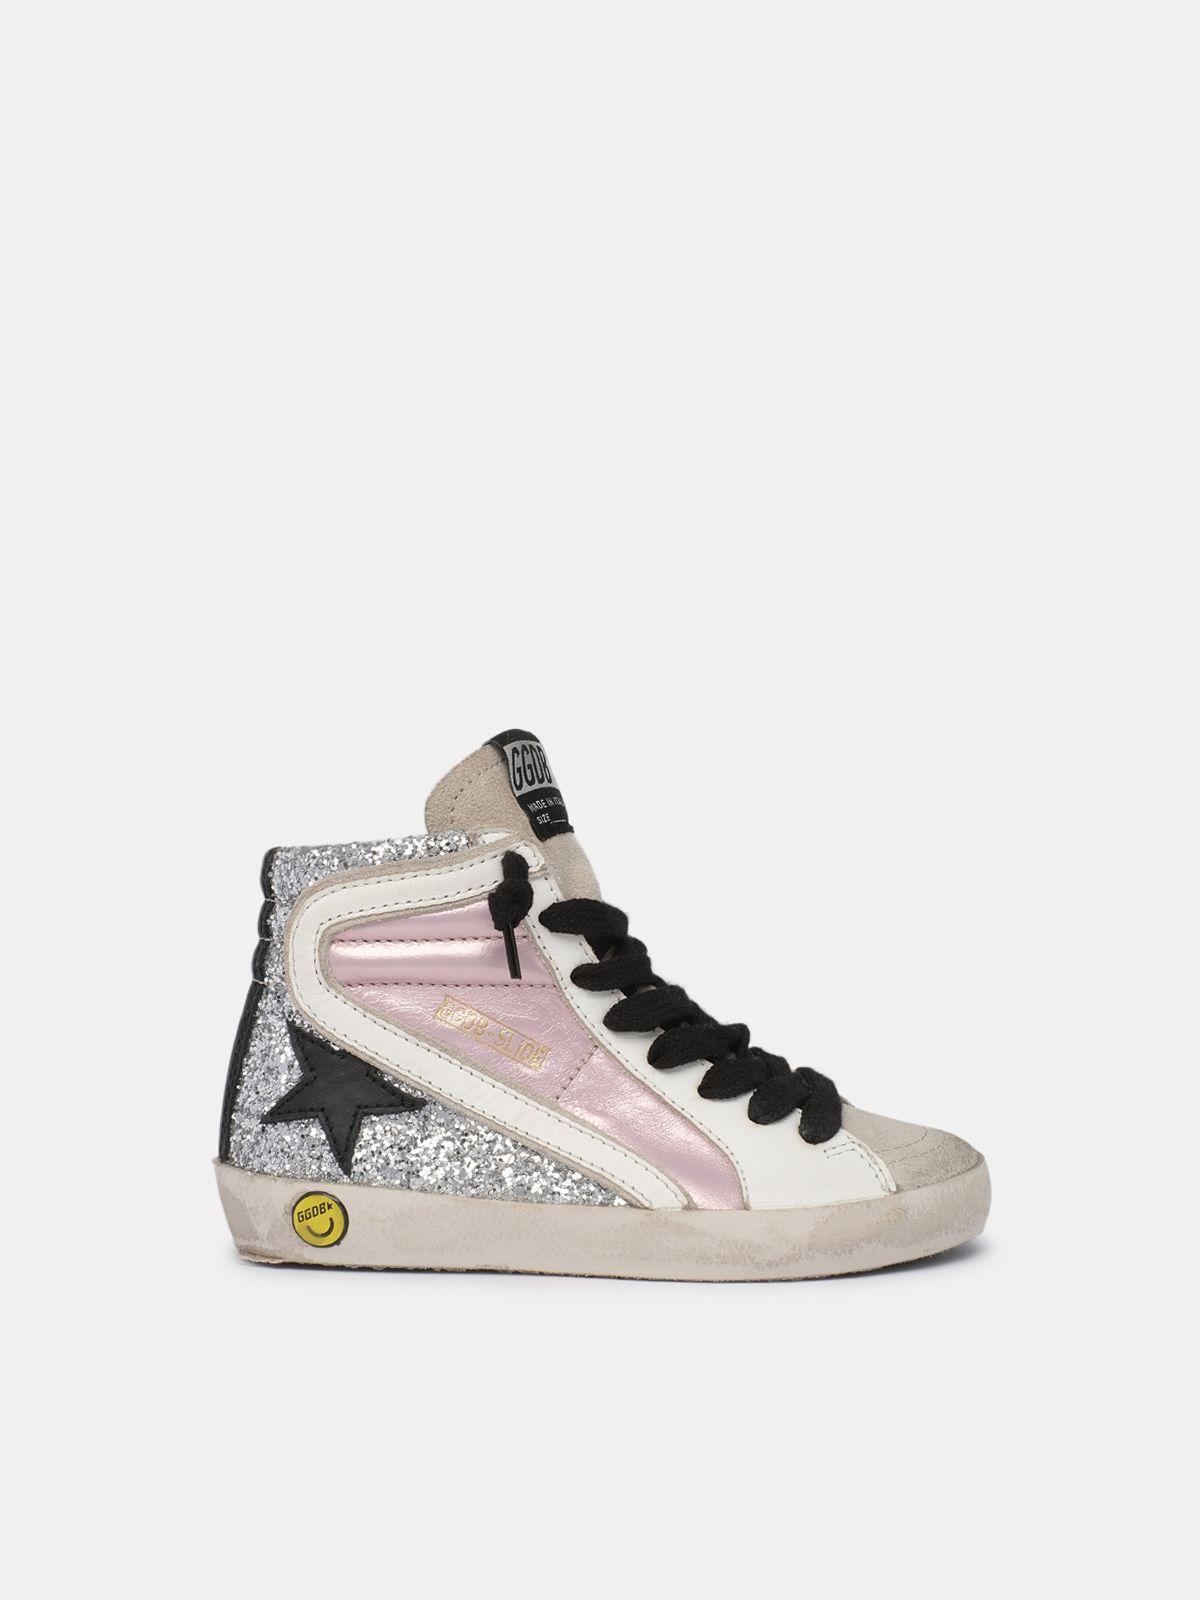 Sneakers Slide con tomaia glitter e inserto in pelle rosa lamitato